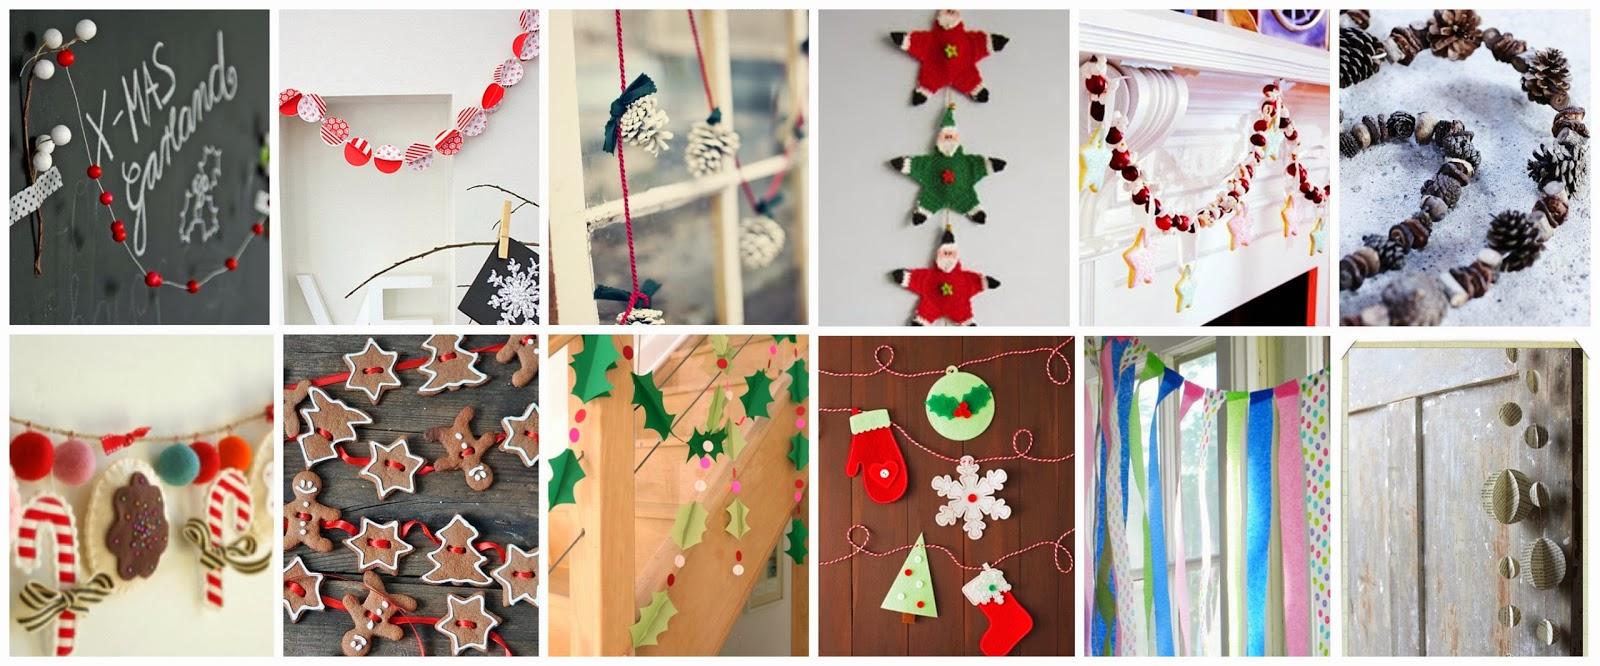 LLUVIA DE IDEAS: Recursos: Ideas para decorar y preparar el aula para